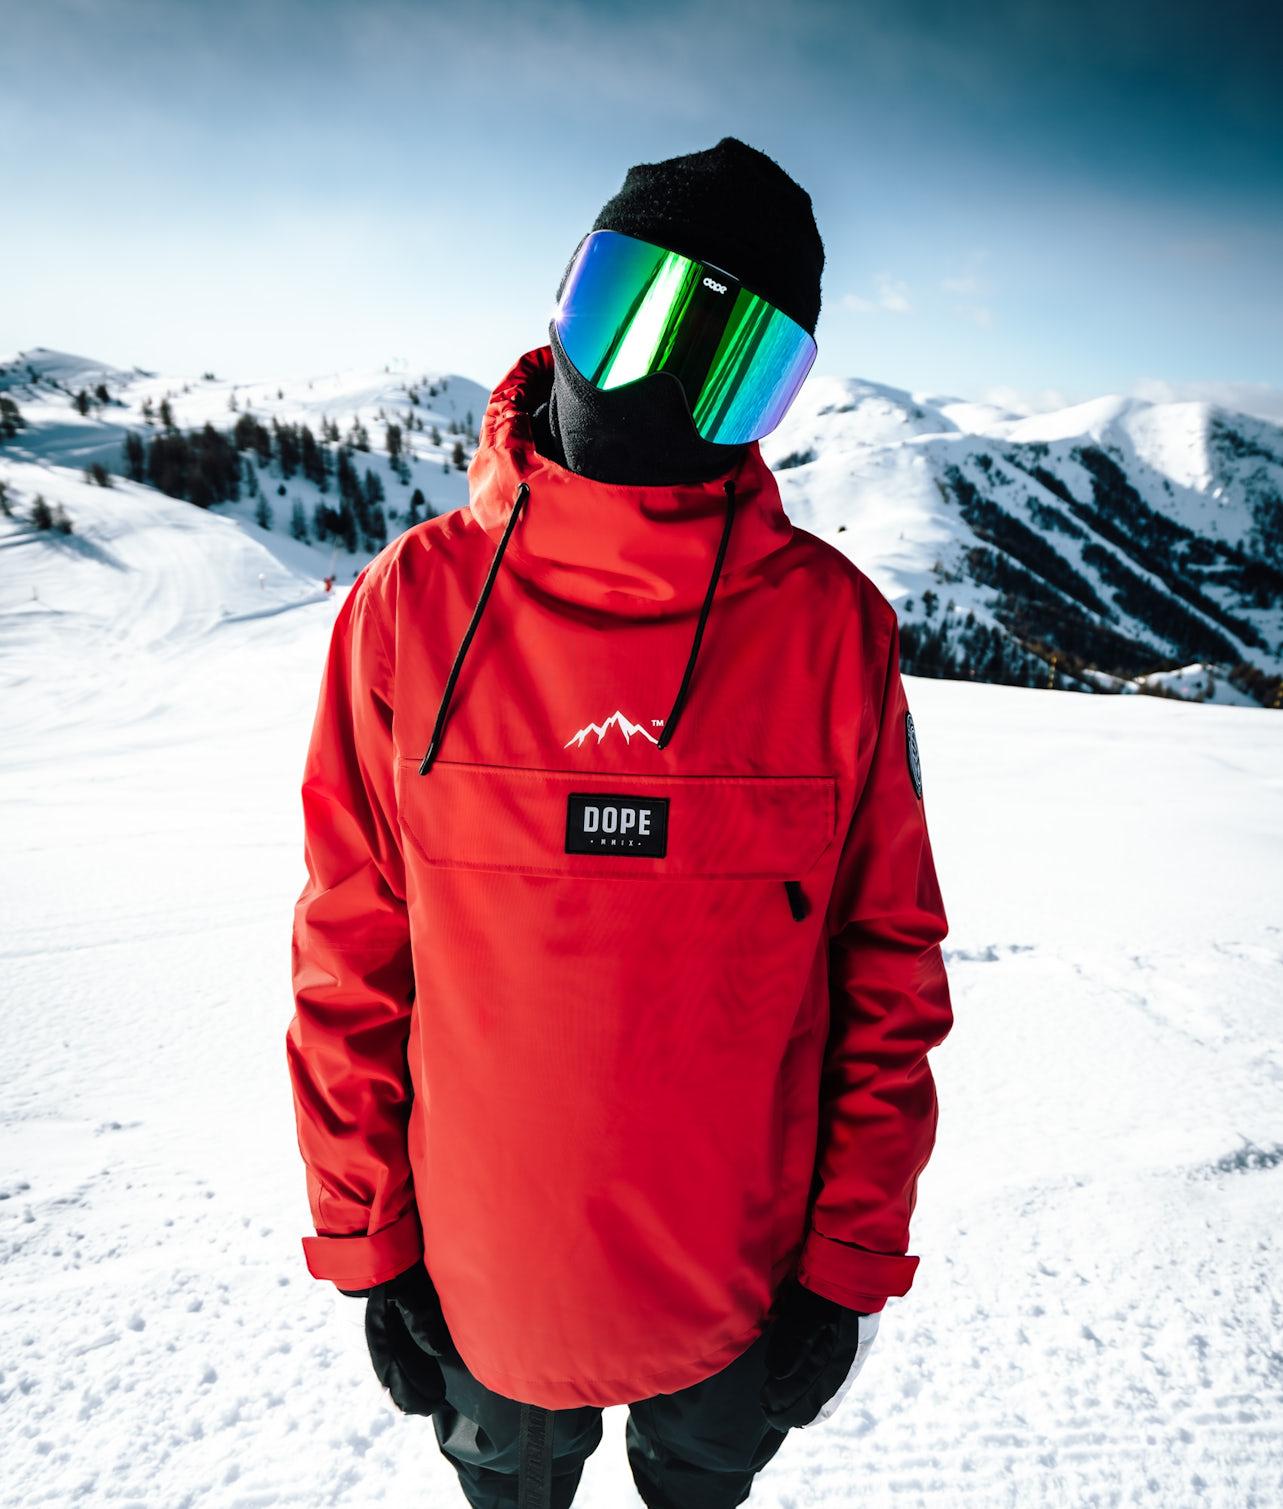 Kjøp Blizzard LE Skijakke fra Dope på Ridestore.no - Hos oss har du alltid fri frakt, fri retur og 30 dagers åpent kjøp!